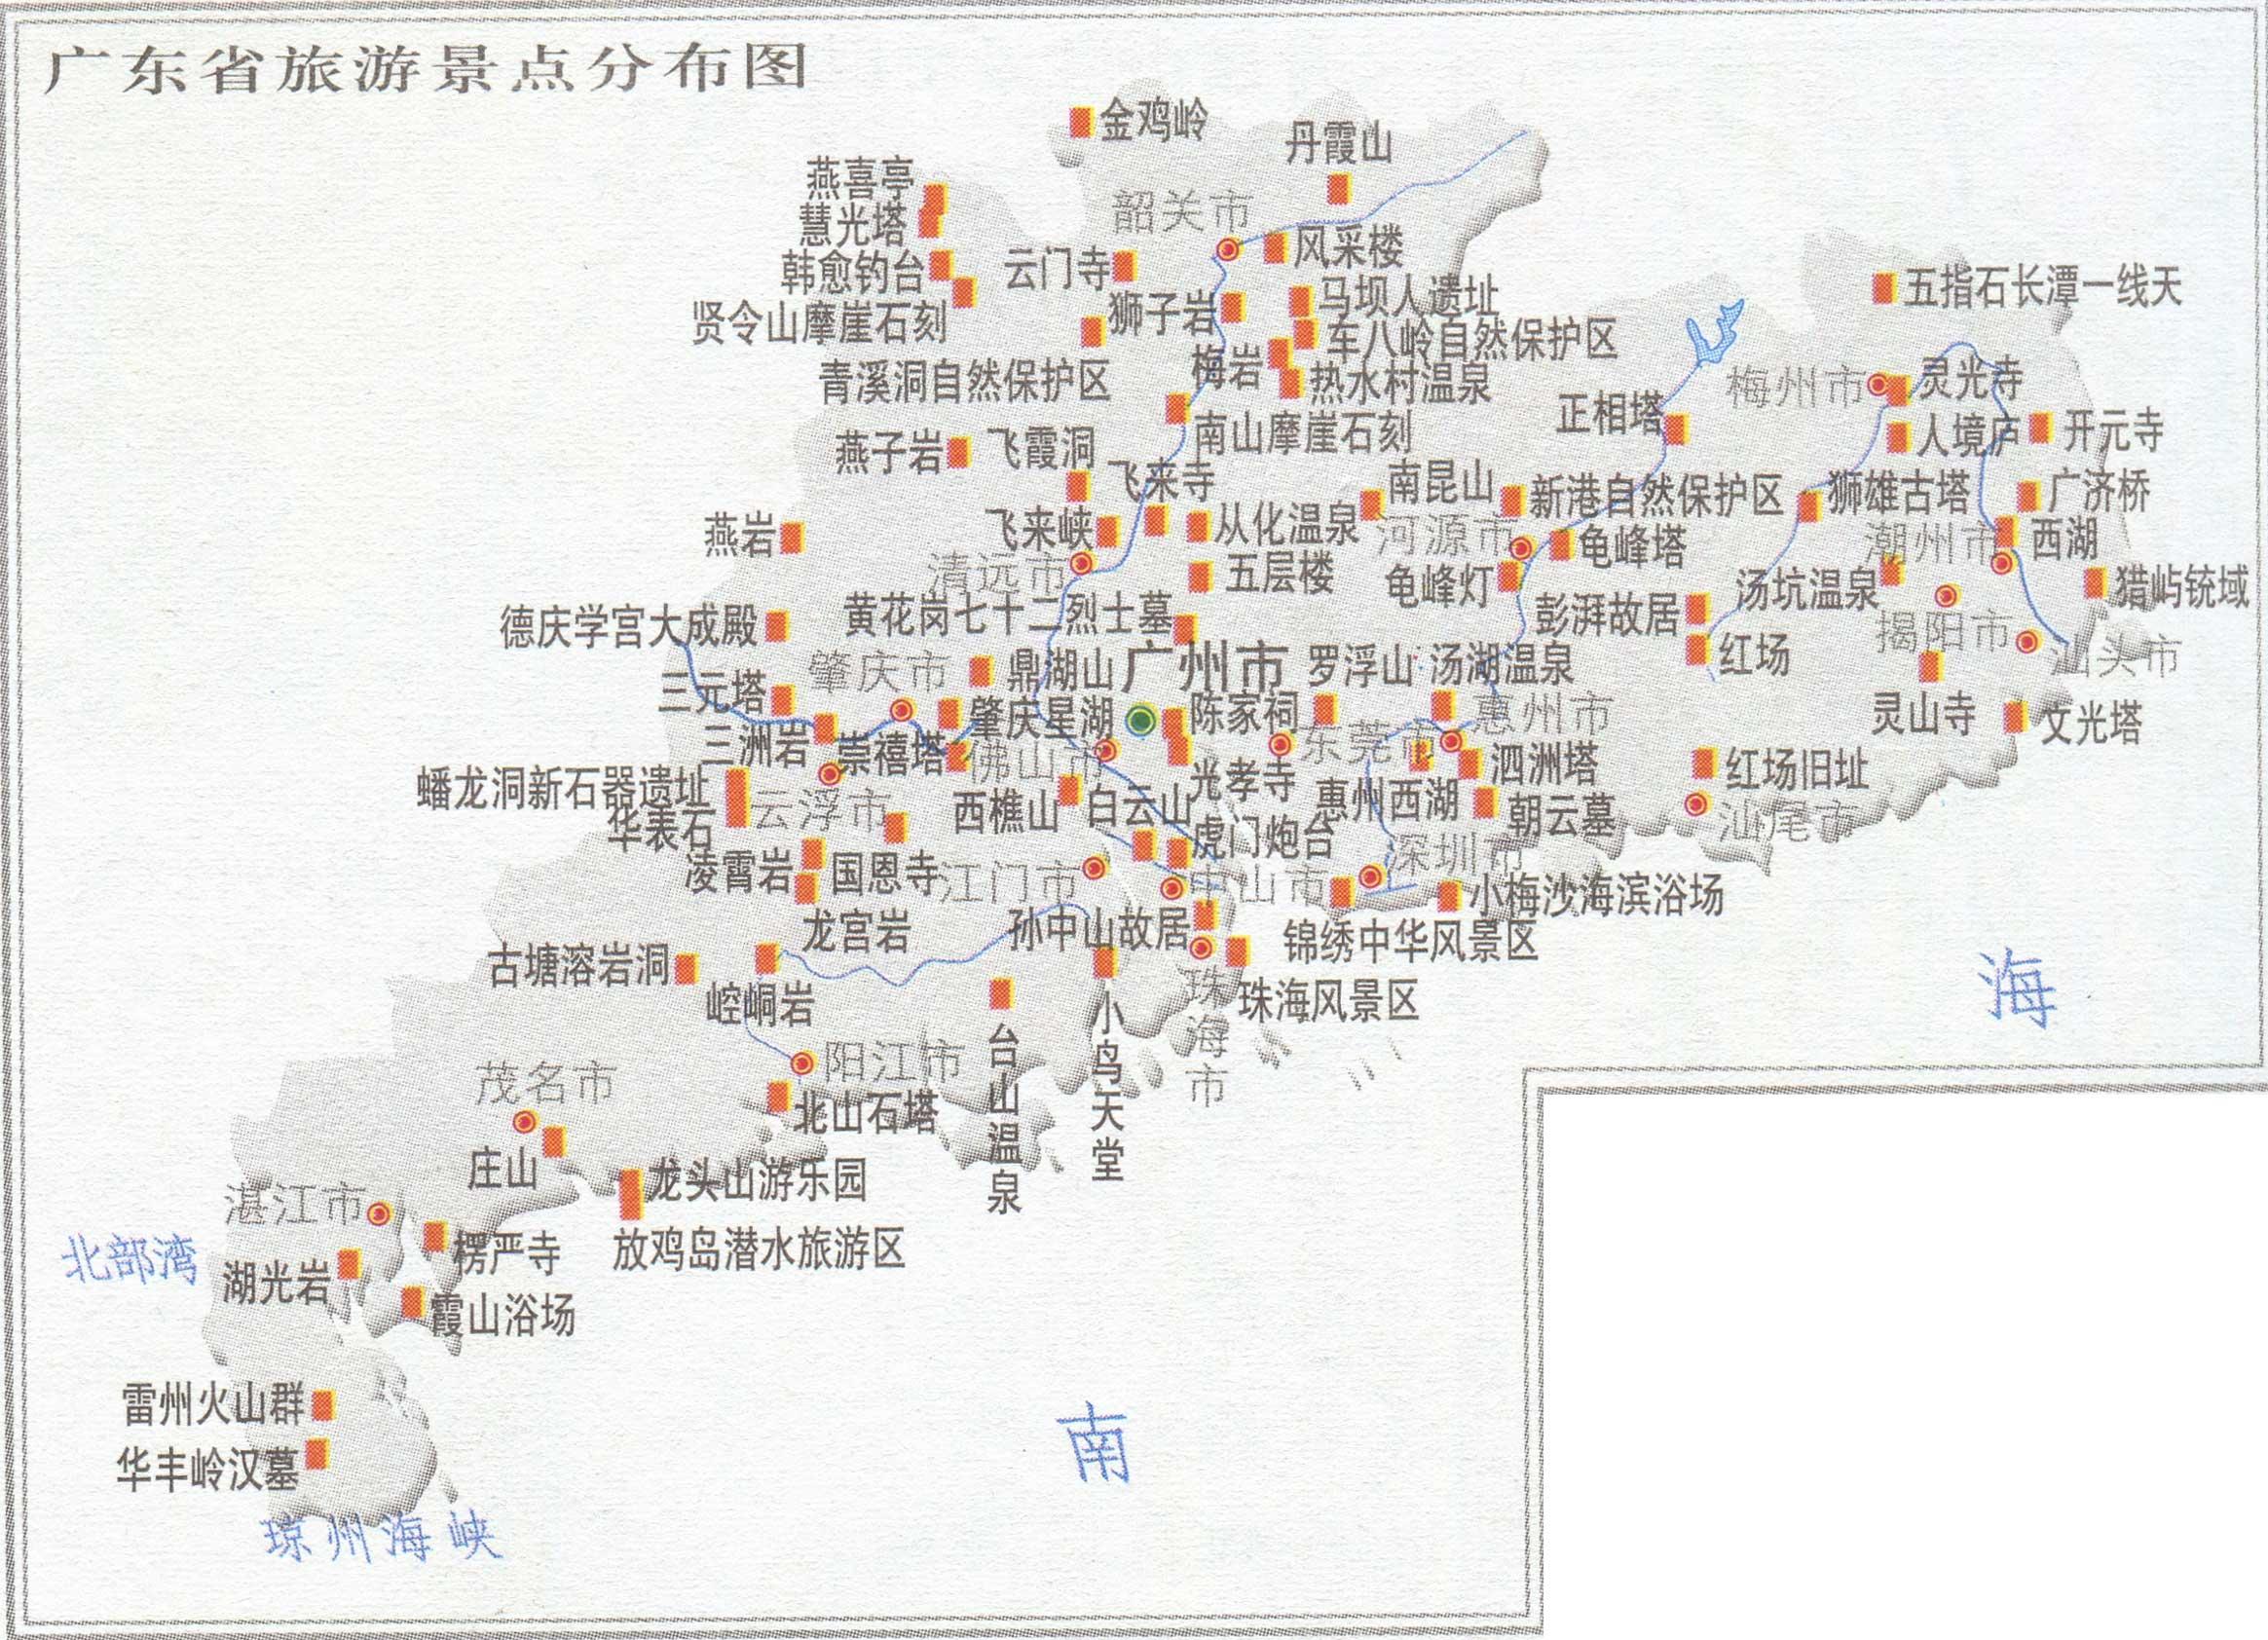 广东旅游景点分布图